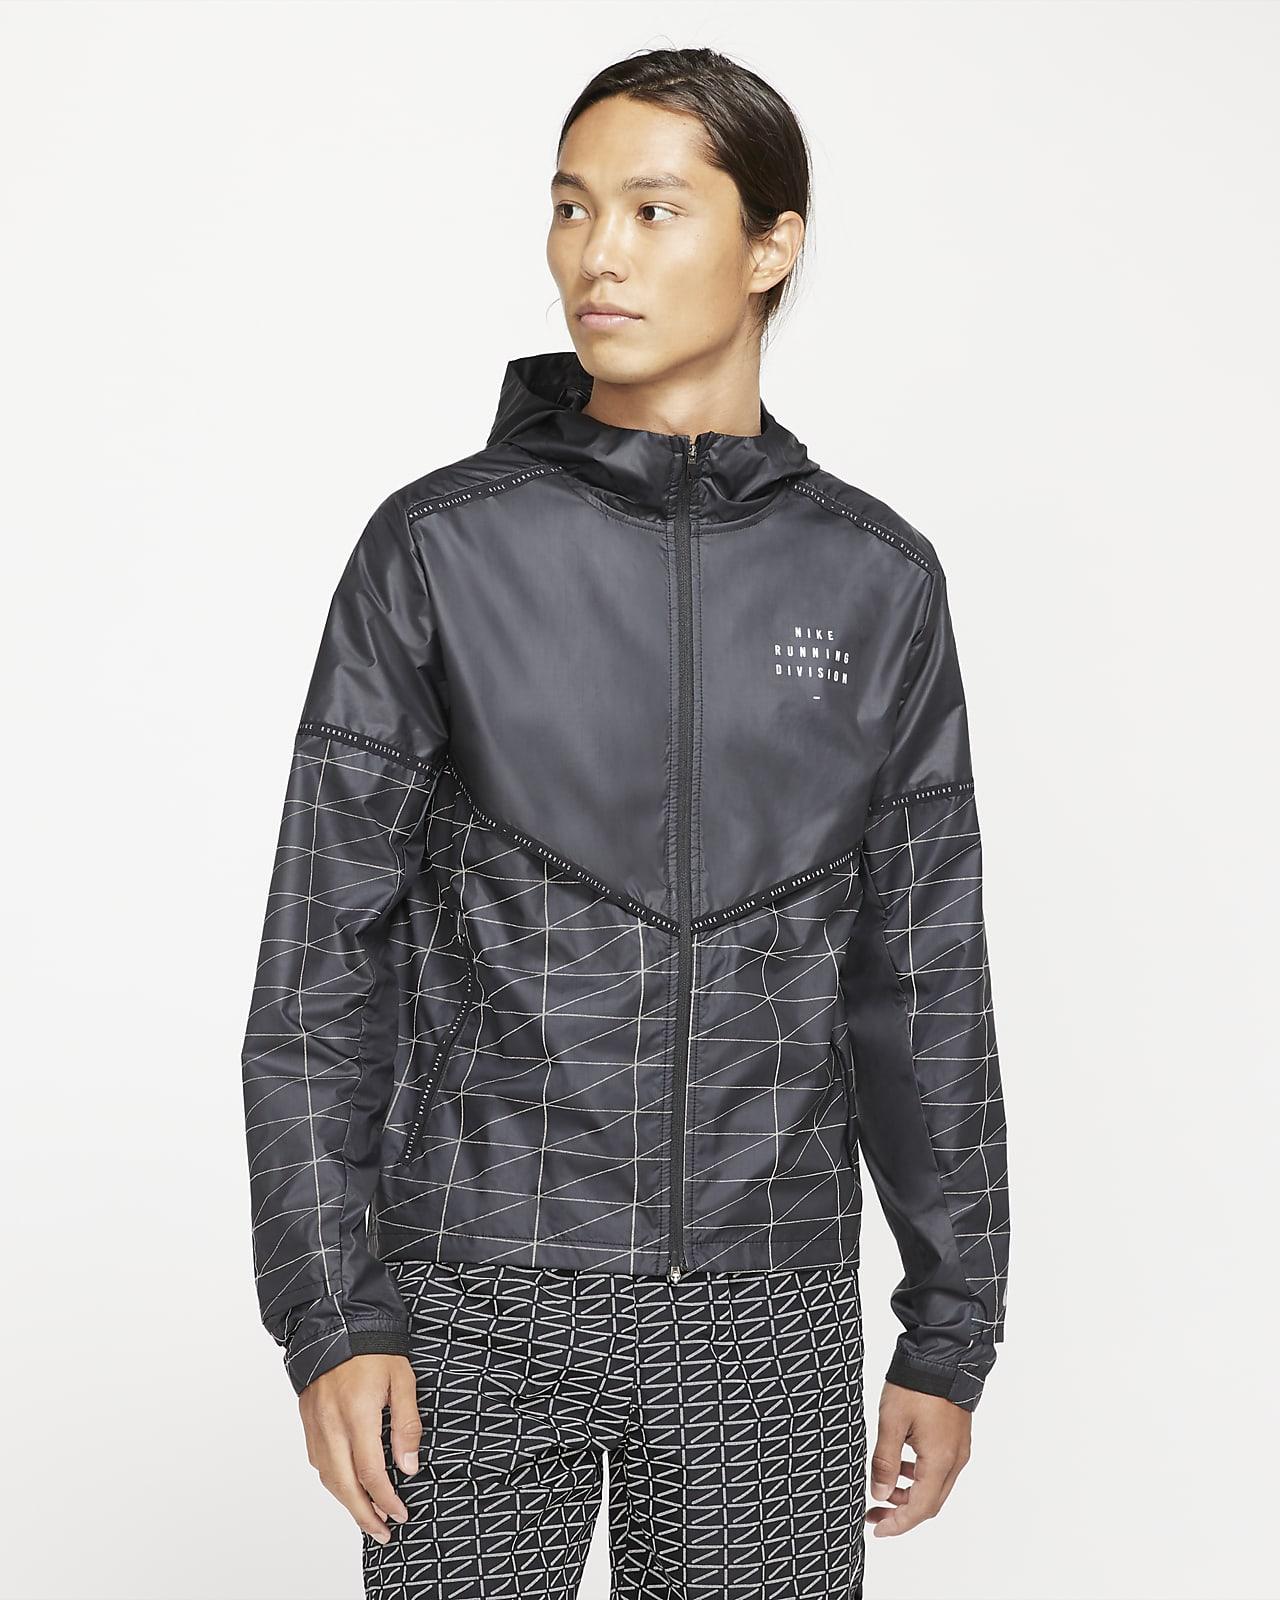 ナイキ フラッシュ ラン ディビジョン メンズ ランニングジャケット